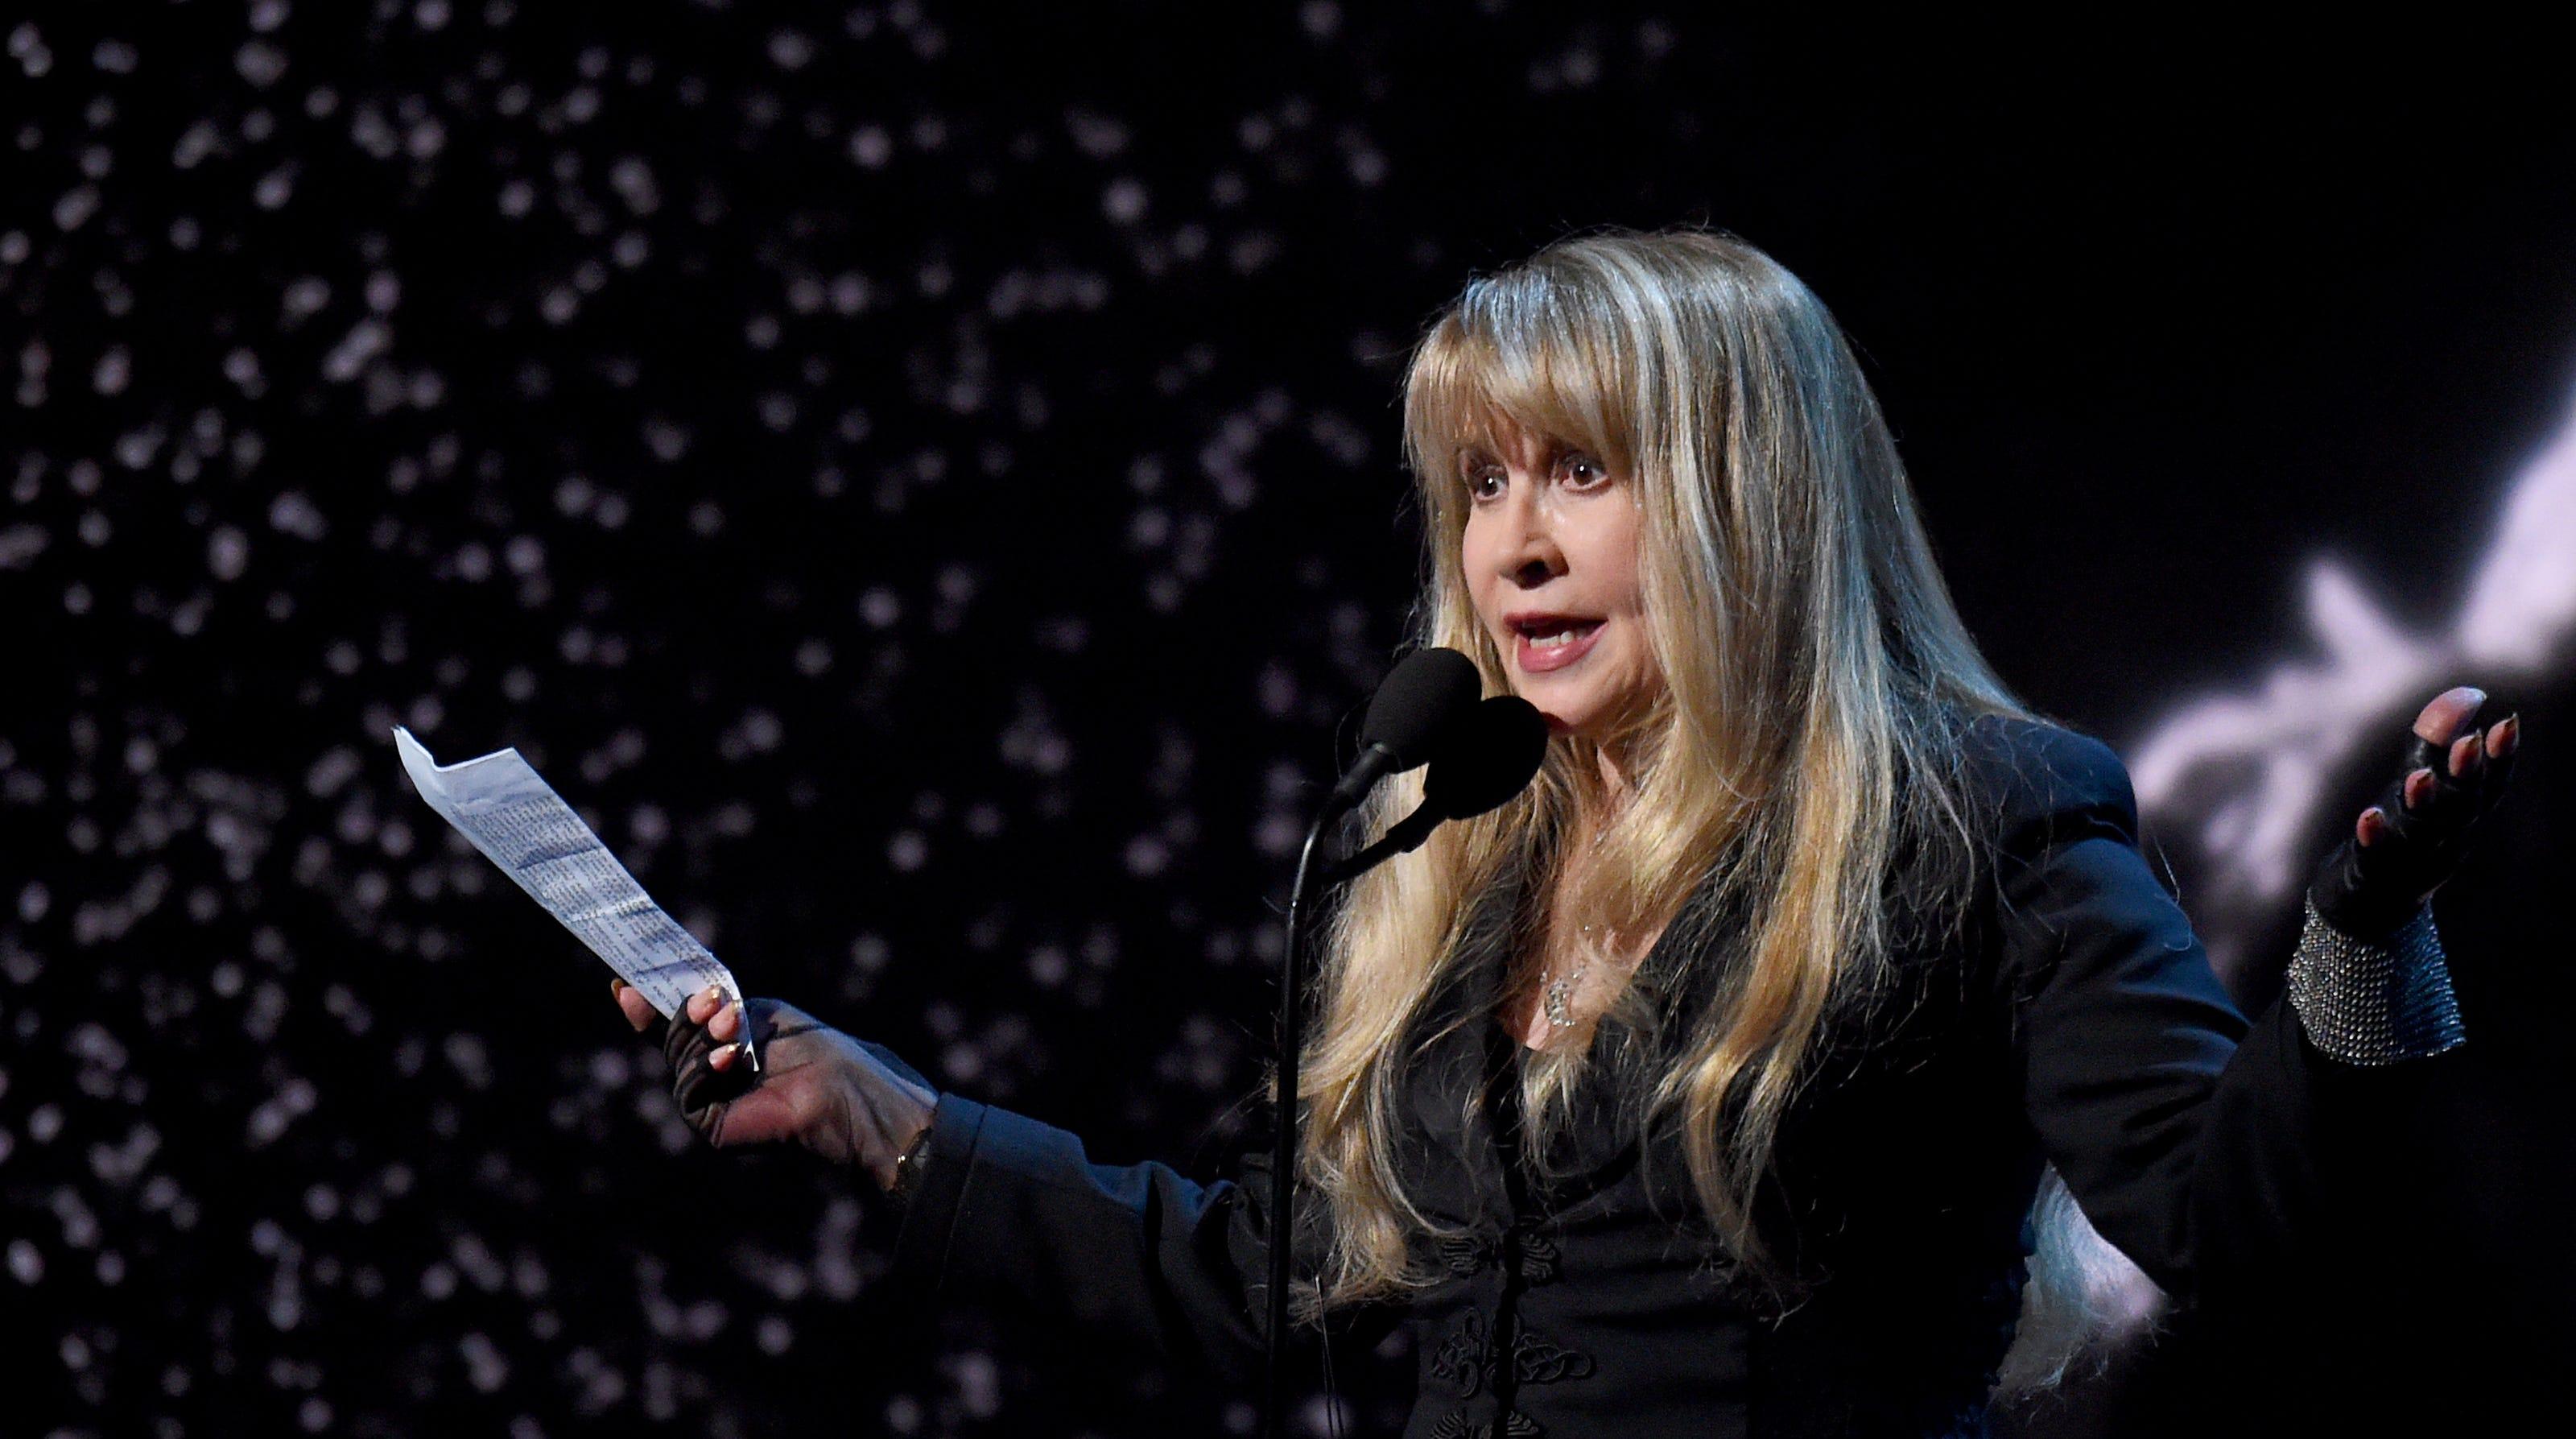 Stevie Nicks Sings In Tiktok Debut With Viral Dreams Video